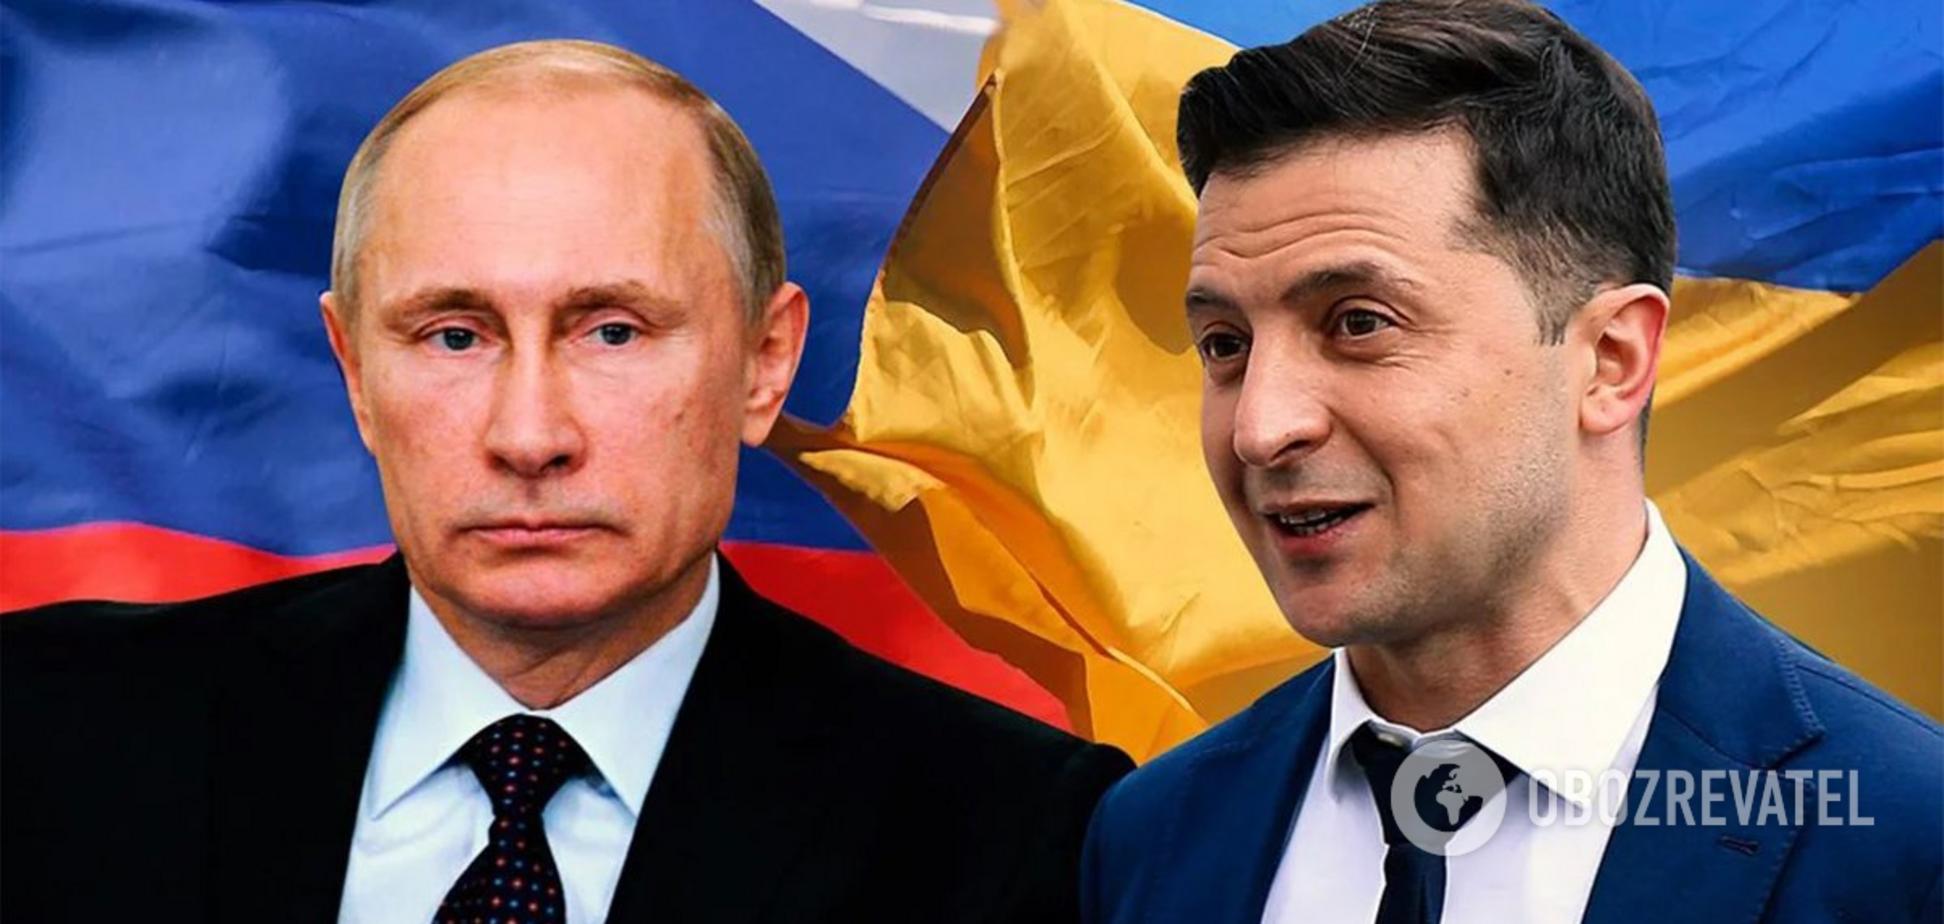 Володимр Зеленський запропонував Володимиру Путіну зустріч у Ватикані